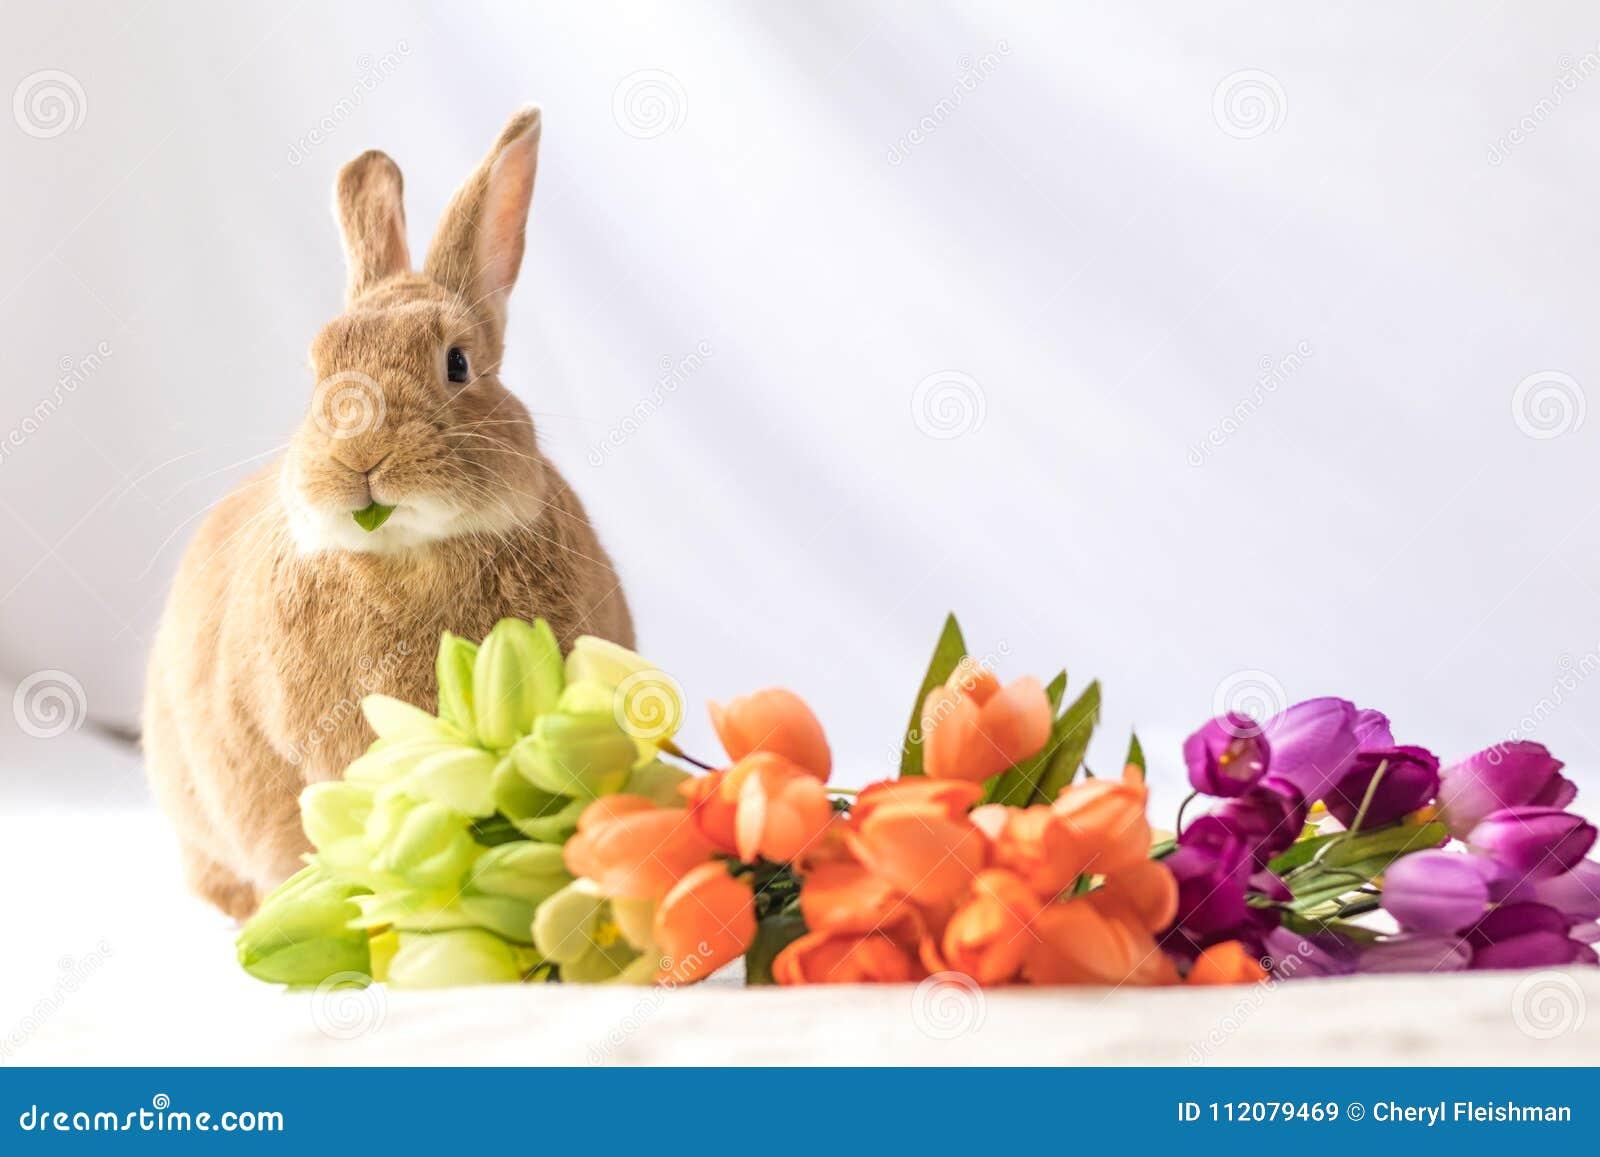 Solbrännan och Rufus färgad påskkaninkanin gör roliga uttryck mot mjuk bakgrund, och tulpan blommar i tappninginställning